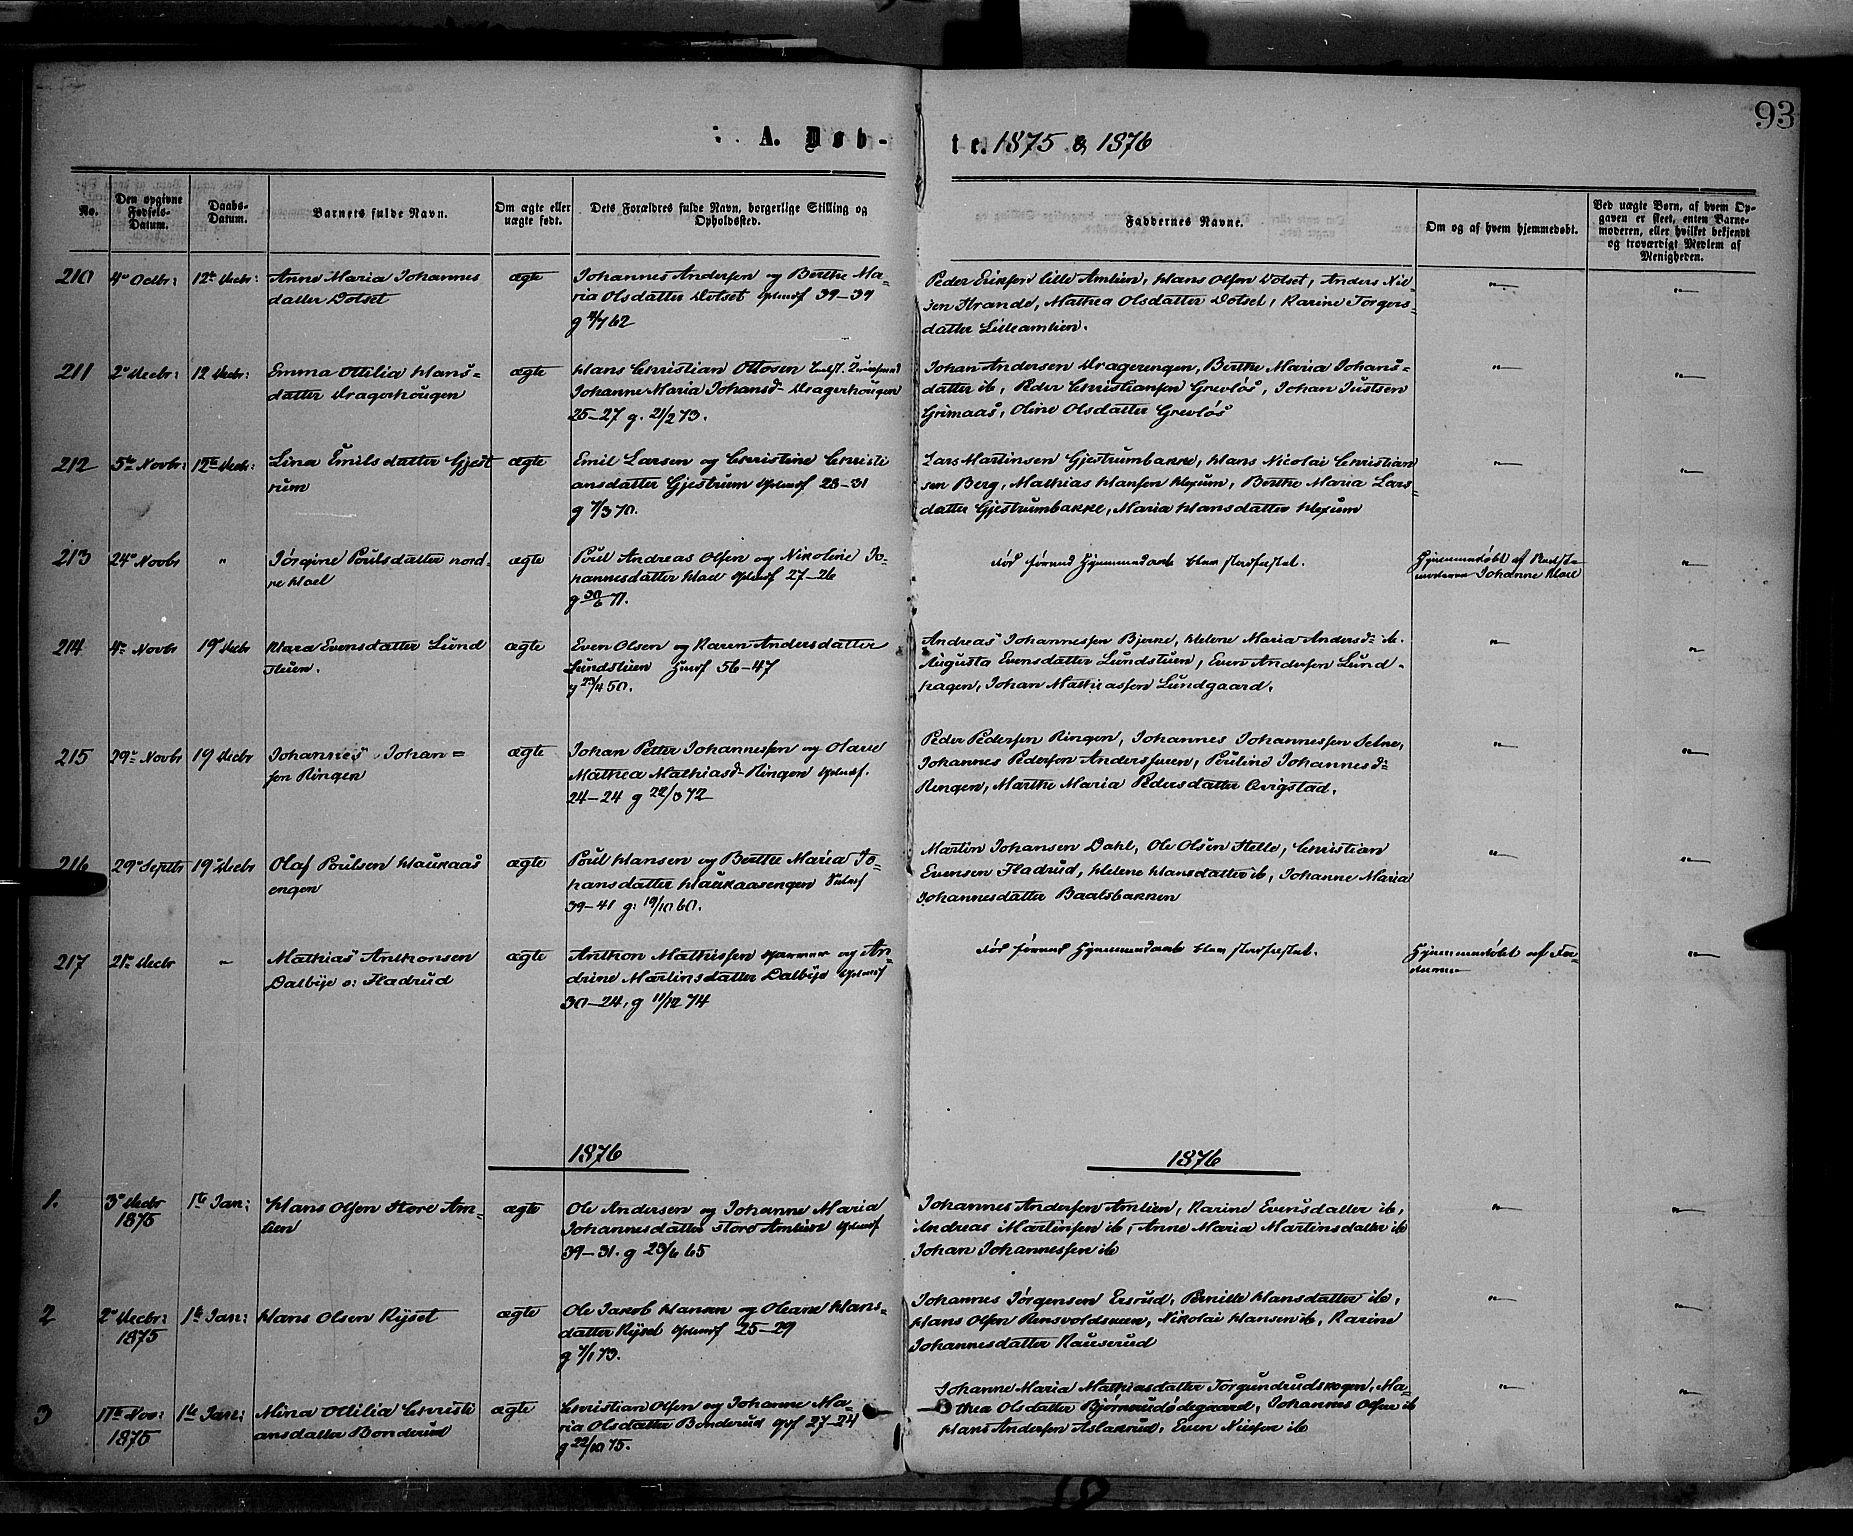 SAH, Vestre Toten prestekontor, Ministerialbok nr. 8, 1870-1877, s. 93